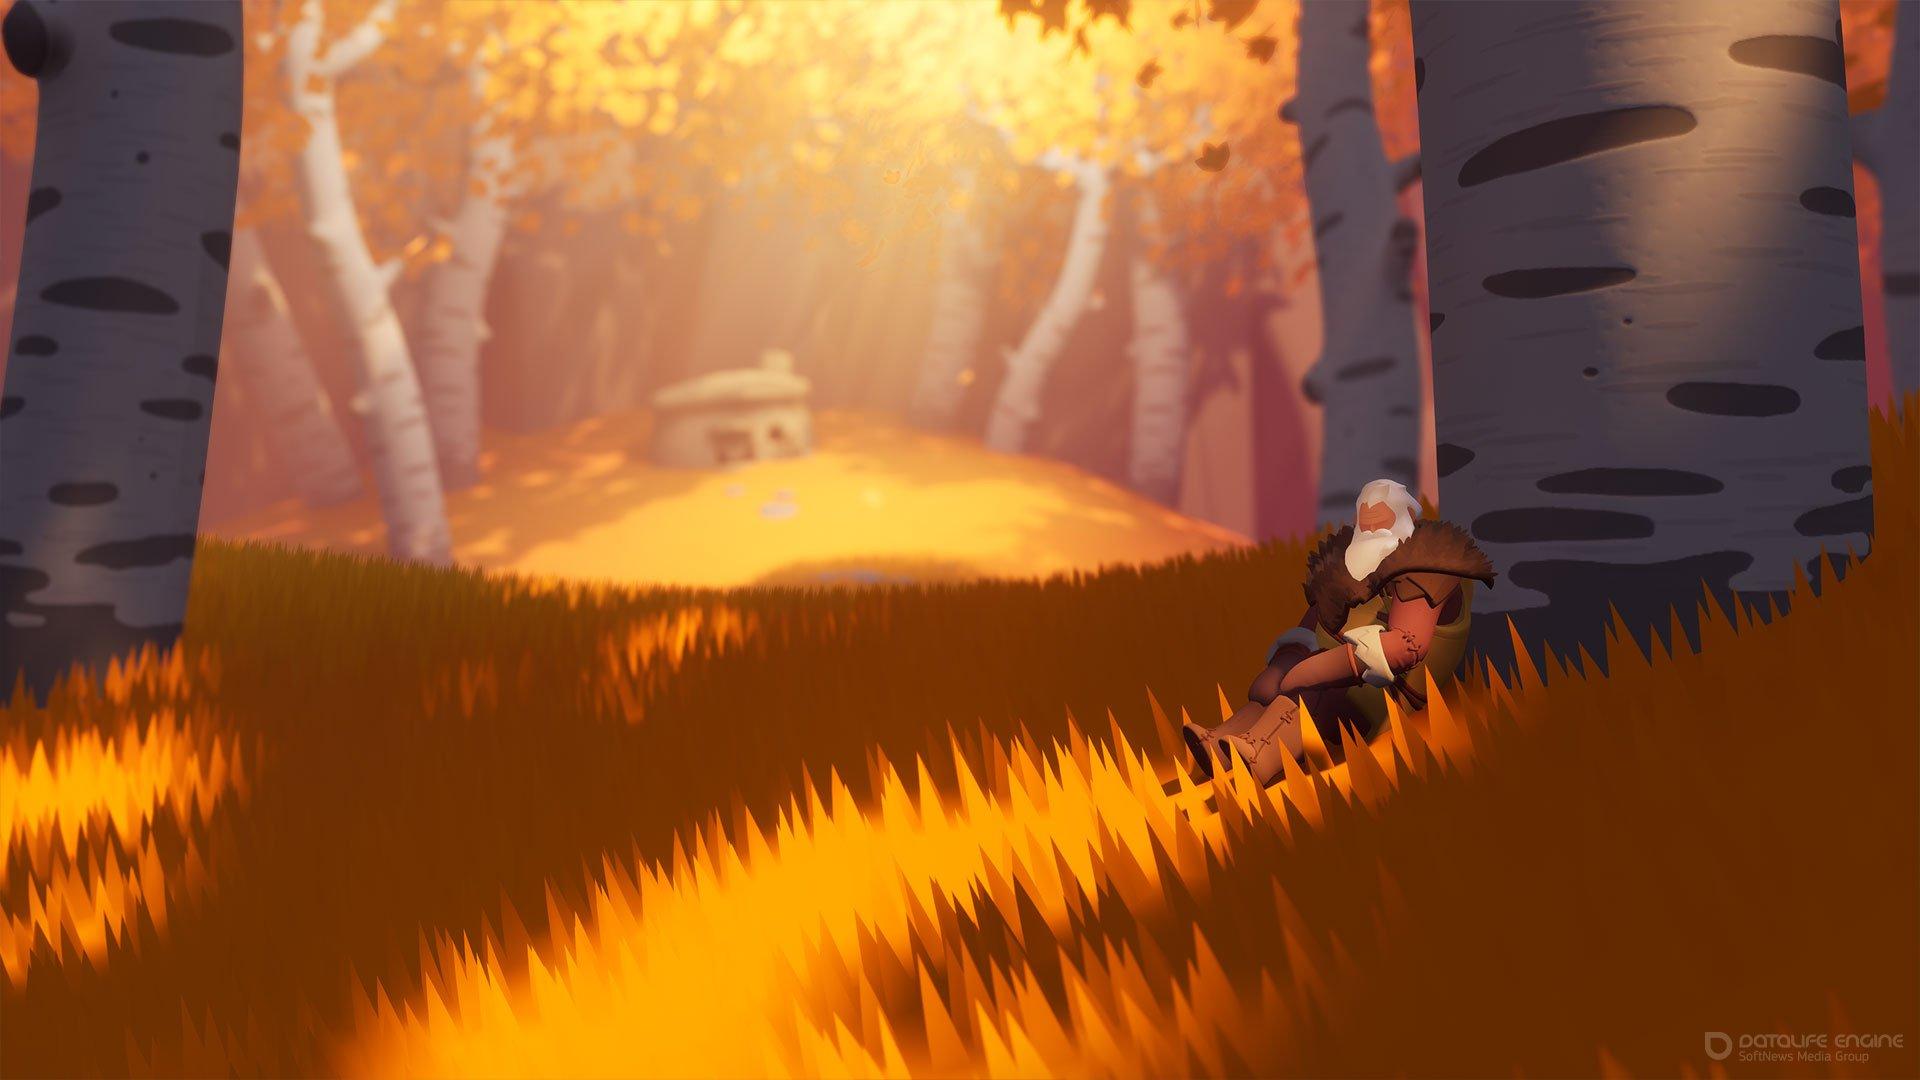 Скриншот к игре Arise: A Simple Story (2019) скачать торрент RePack от xatab